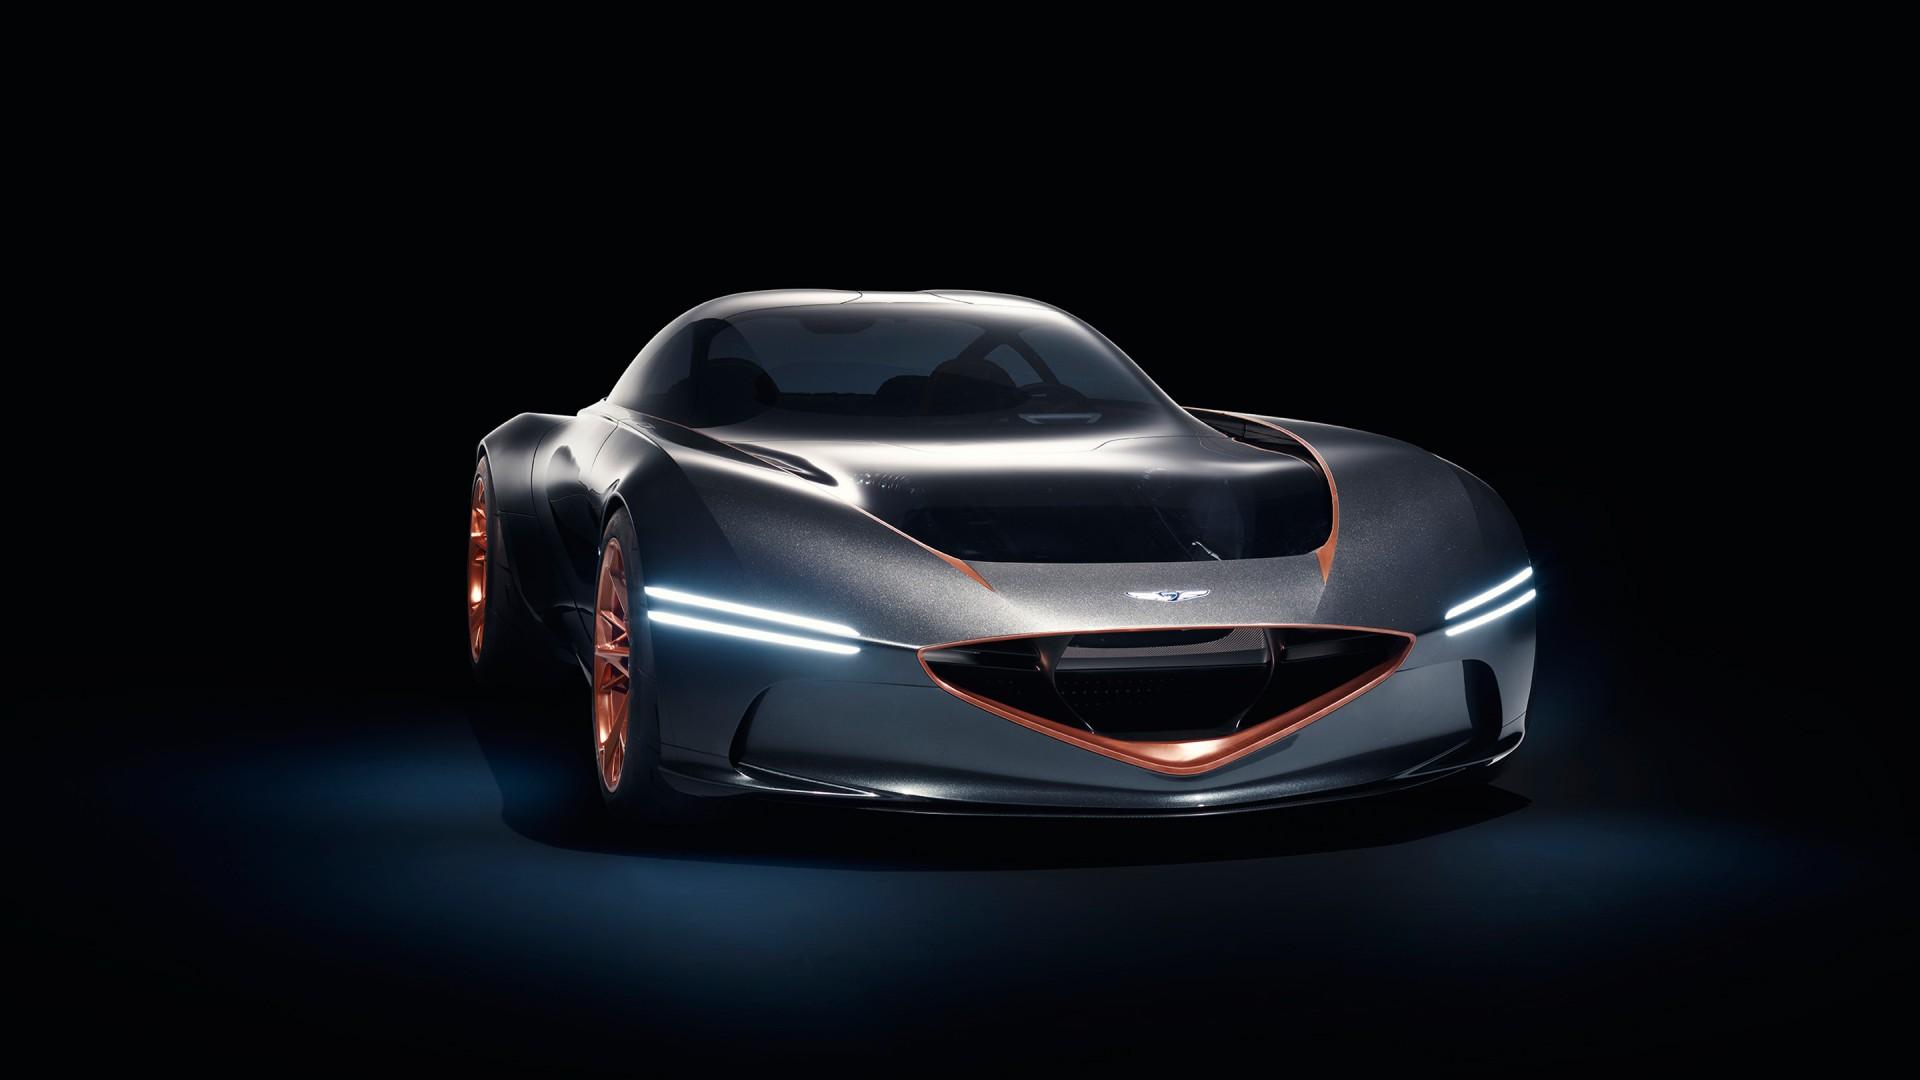 2018 Genesis Essentia Concept Wallpaper Hd Car